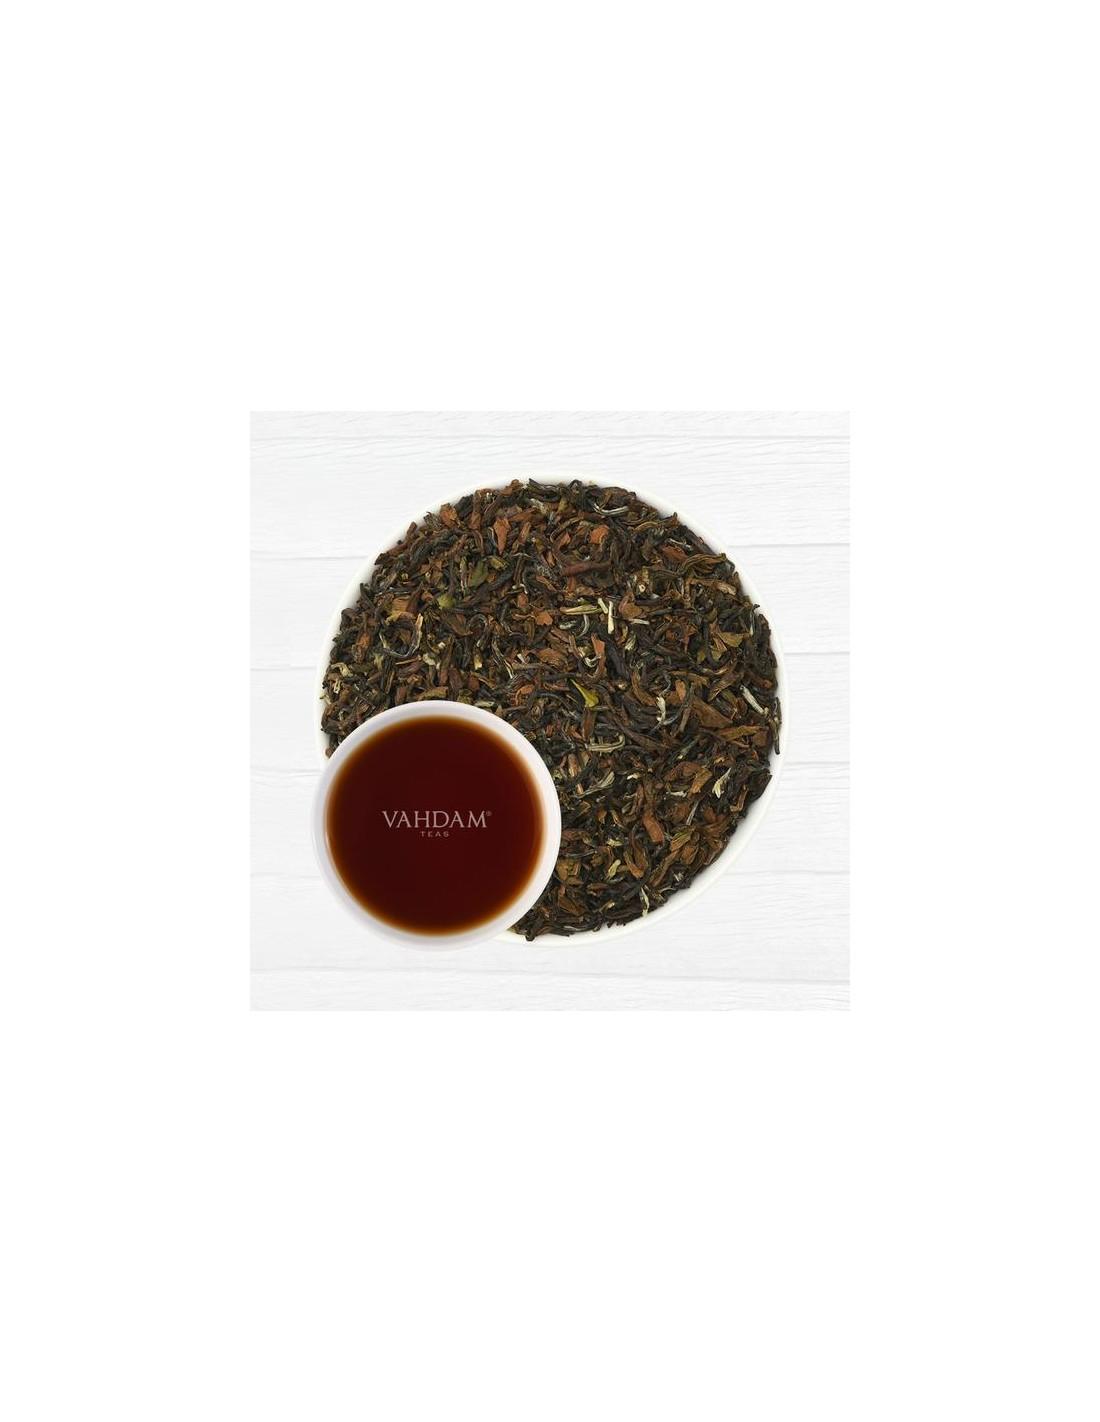 Tantalizing Temi Sikkim Black Tea - Republika Smaków Sp. z o.o.